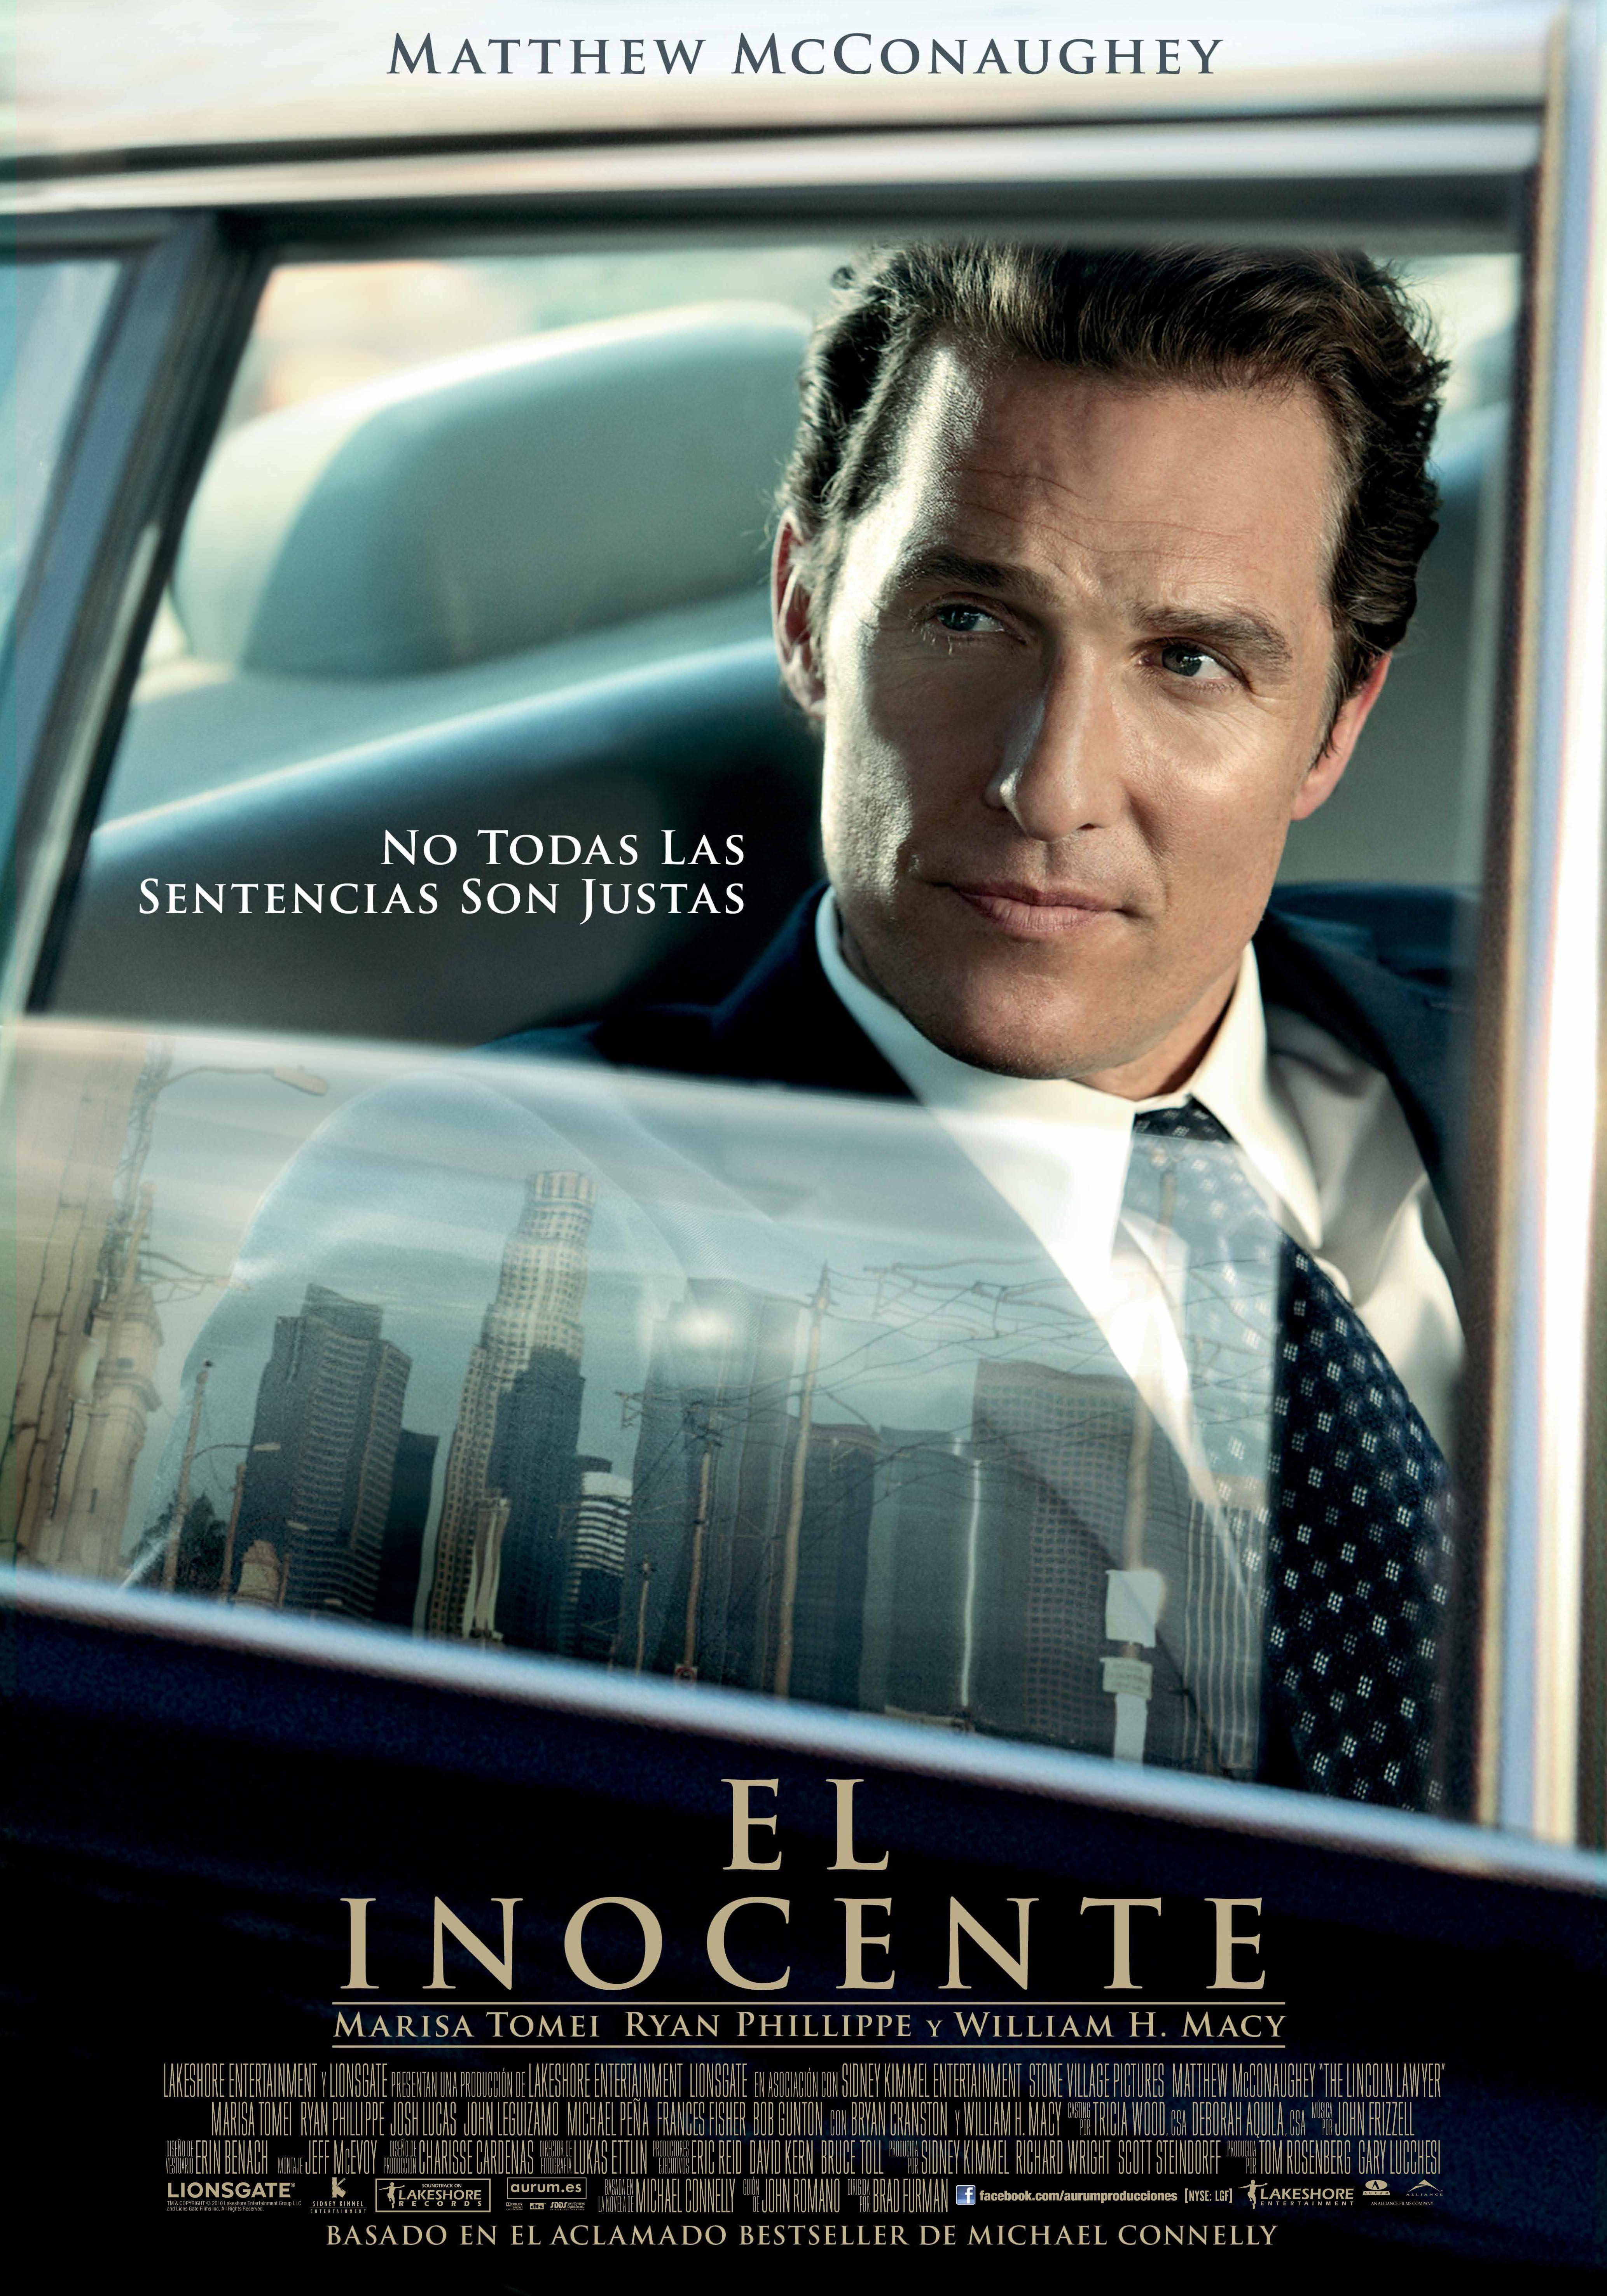 El Inocente 2011 Libros De Cine